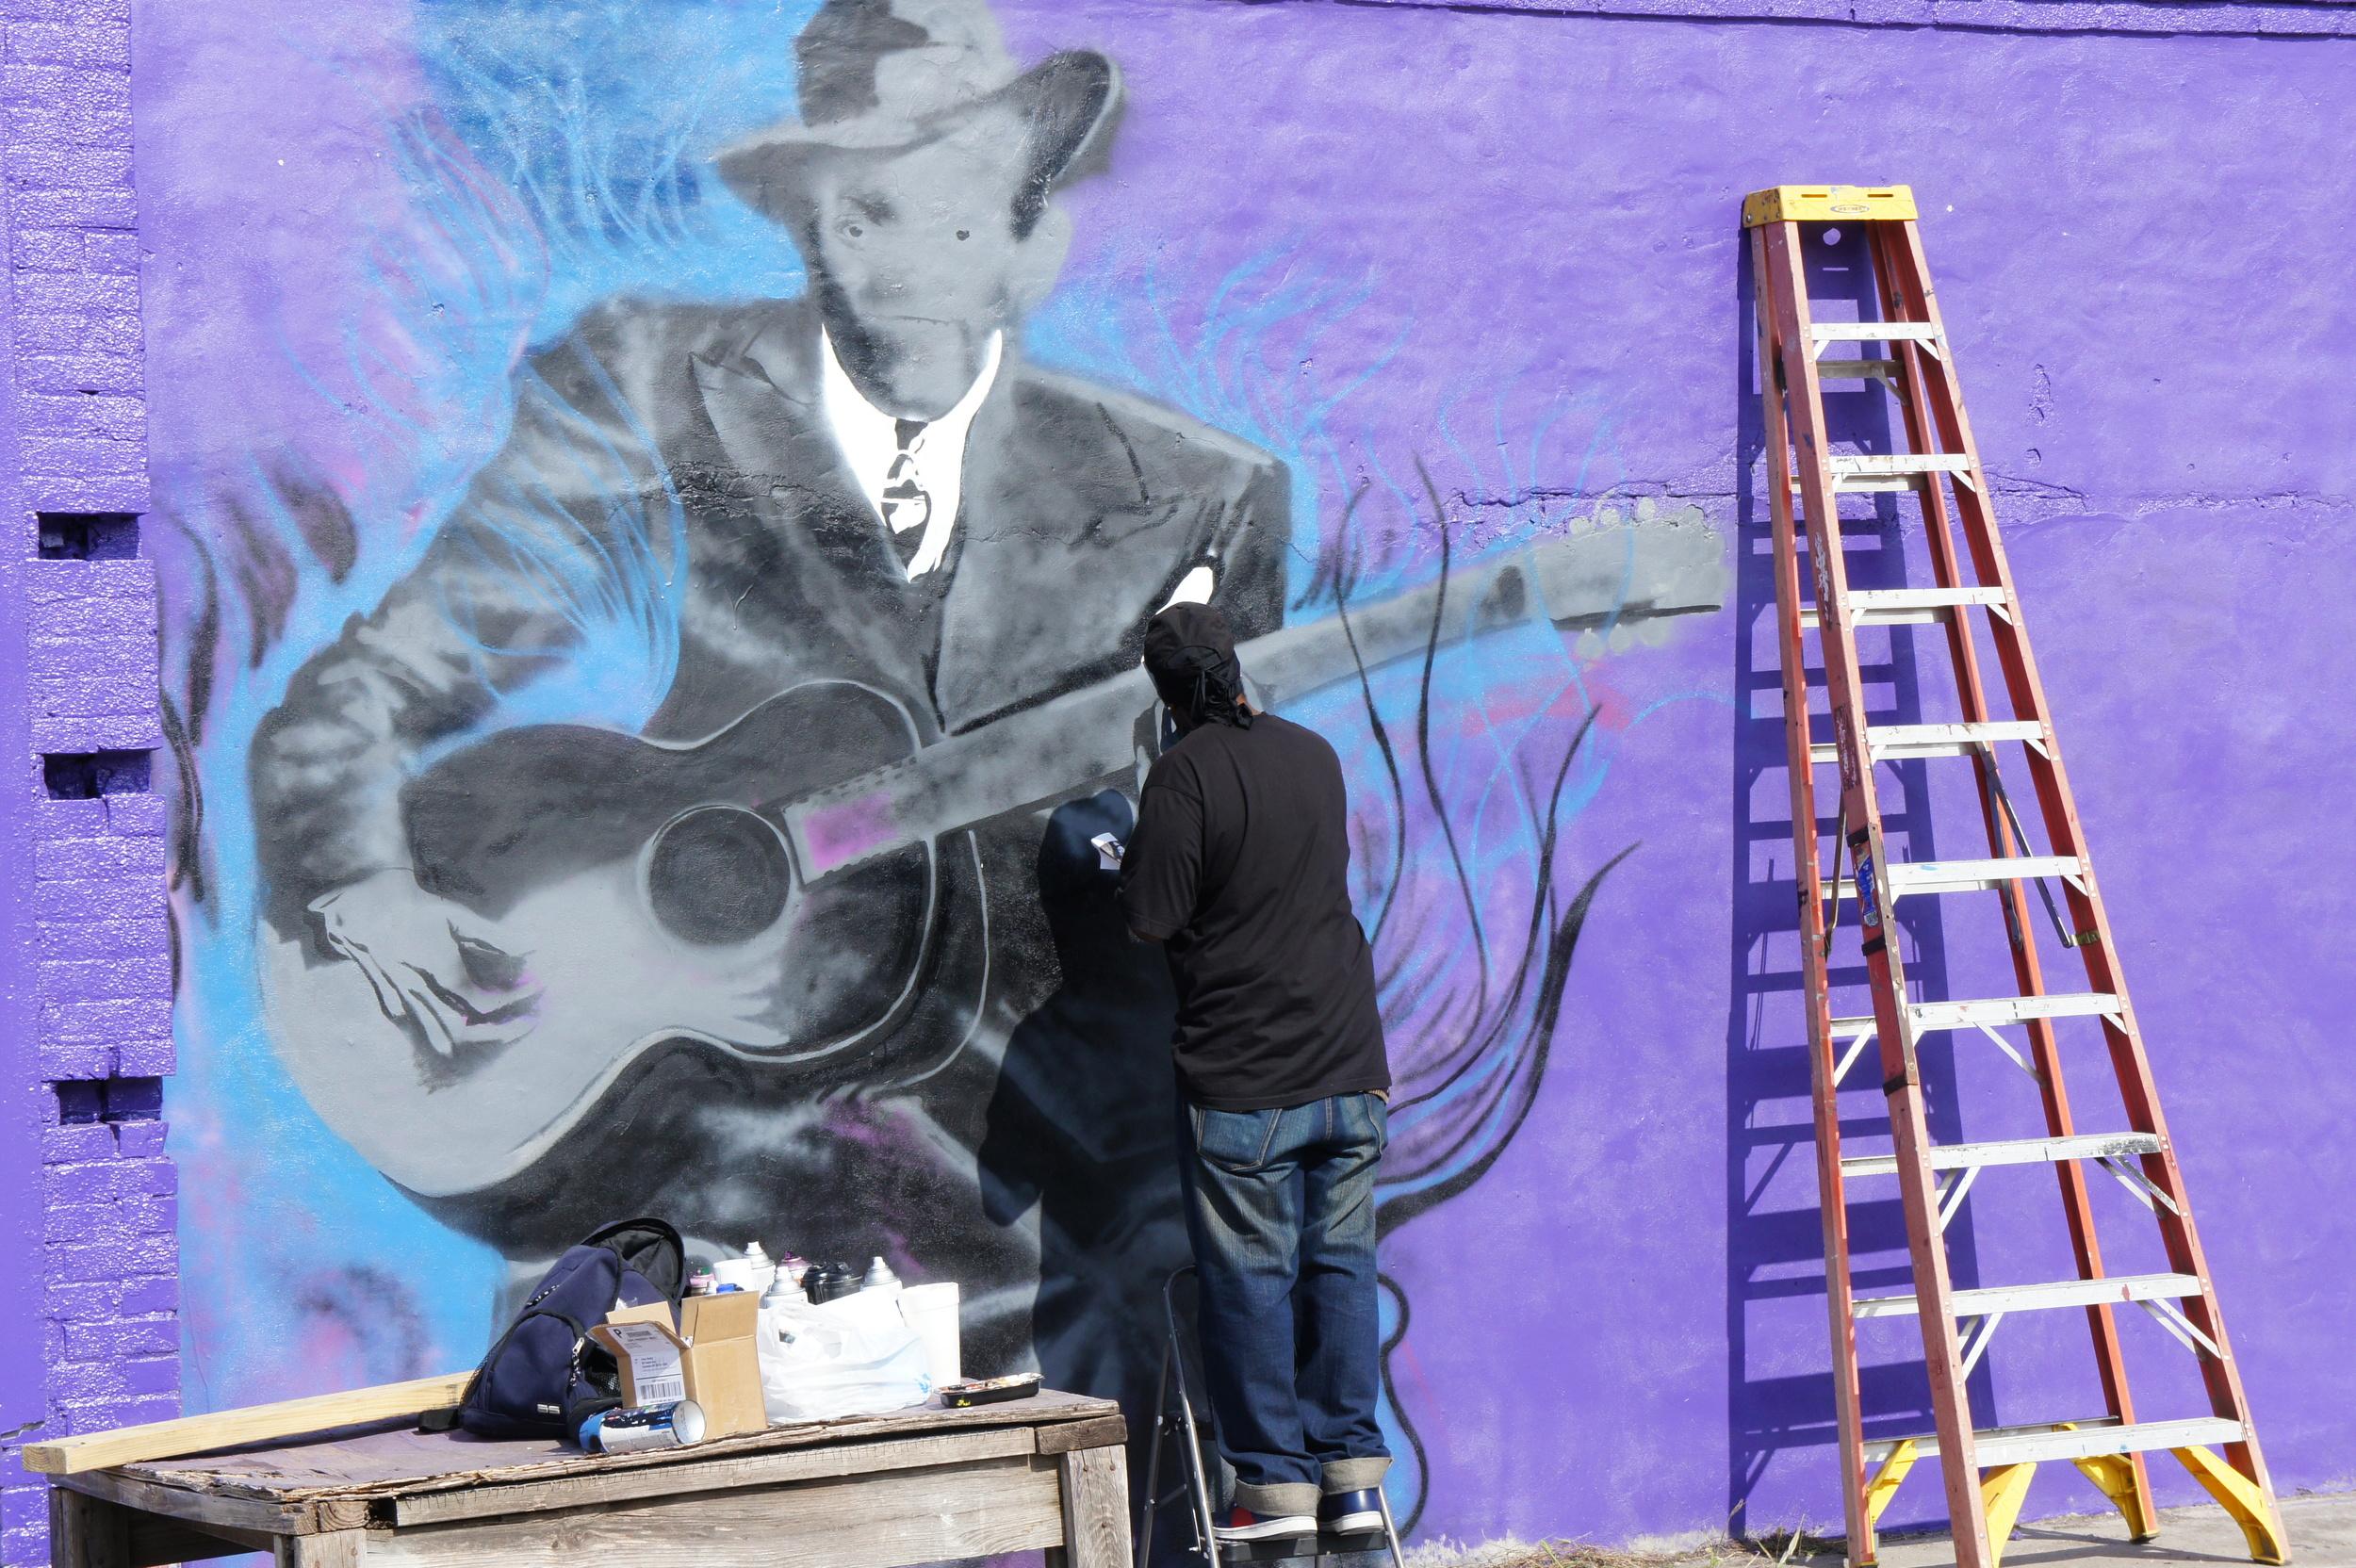 Mural under work in Clarksdale.